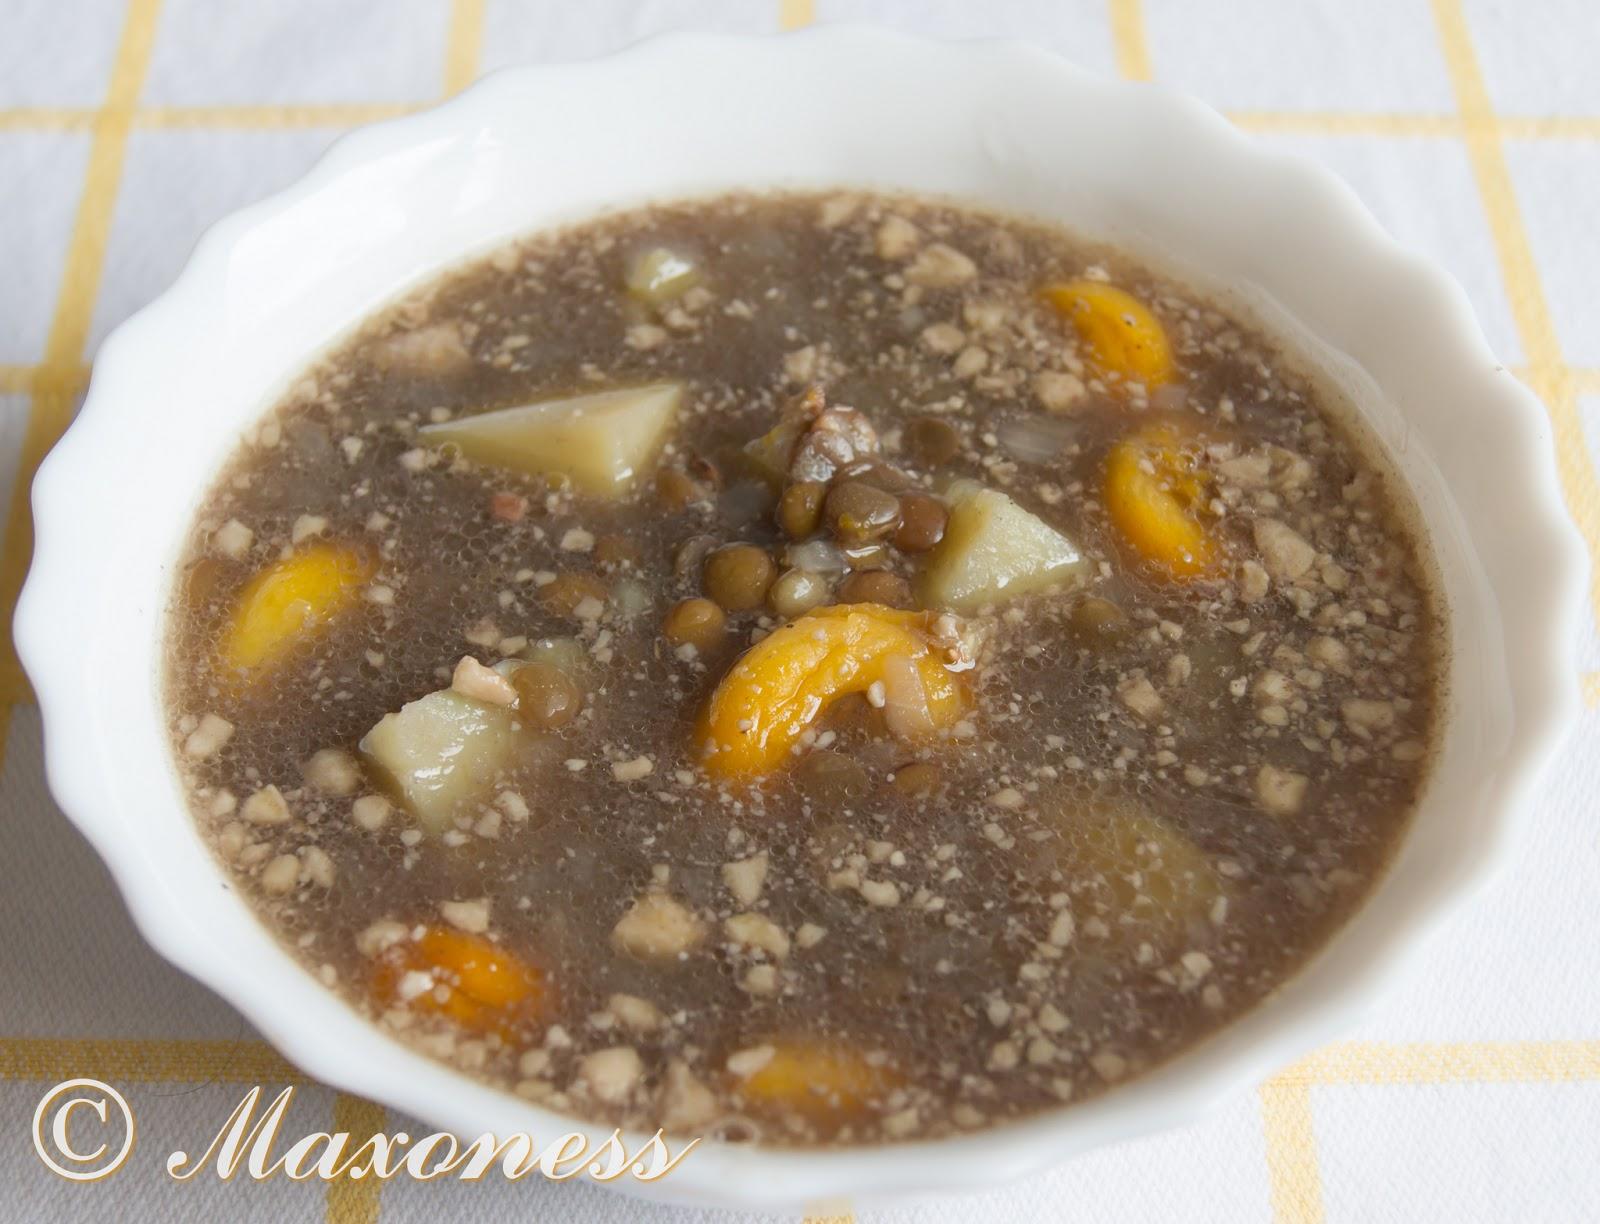 Суп с чечевицей по-армянски. Армянская кухня.